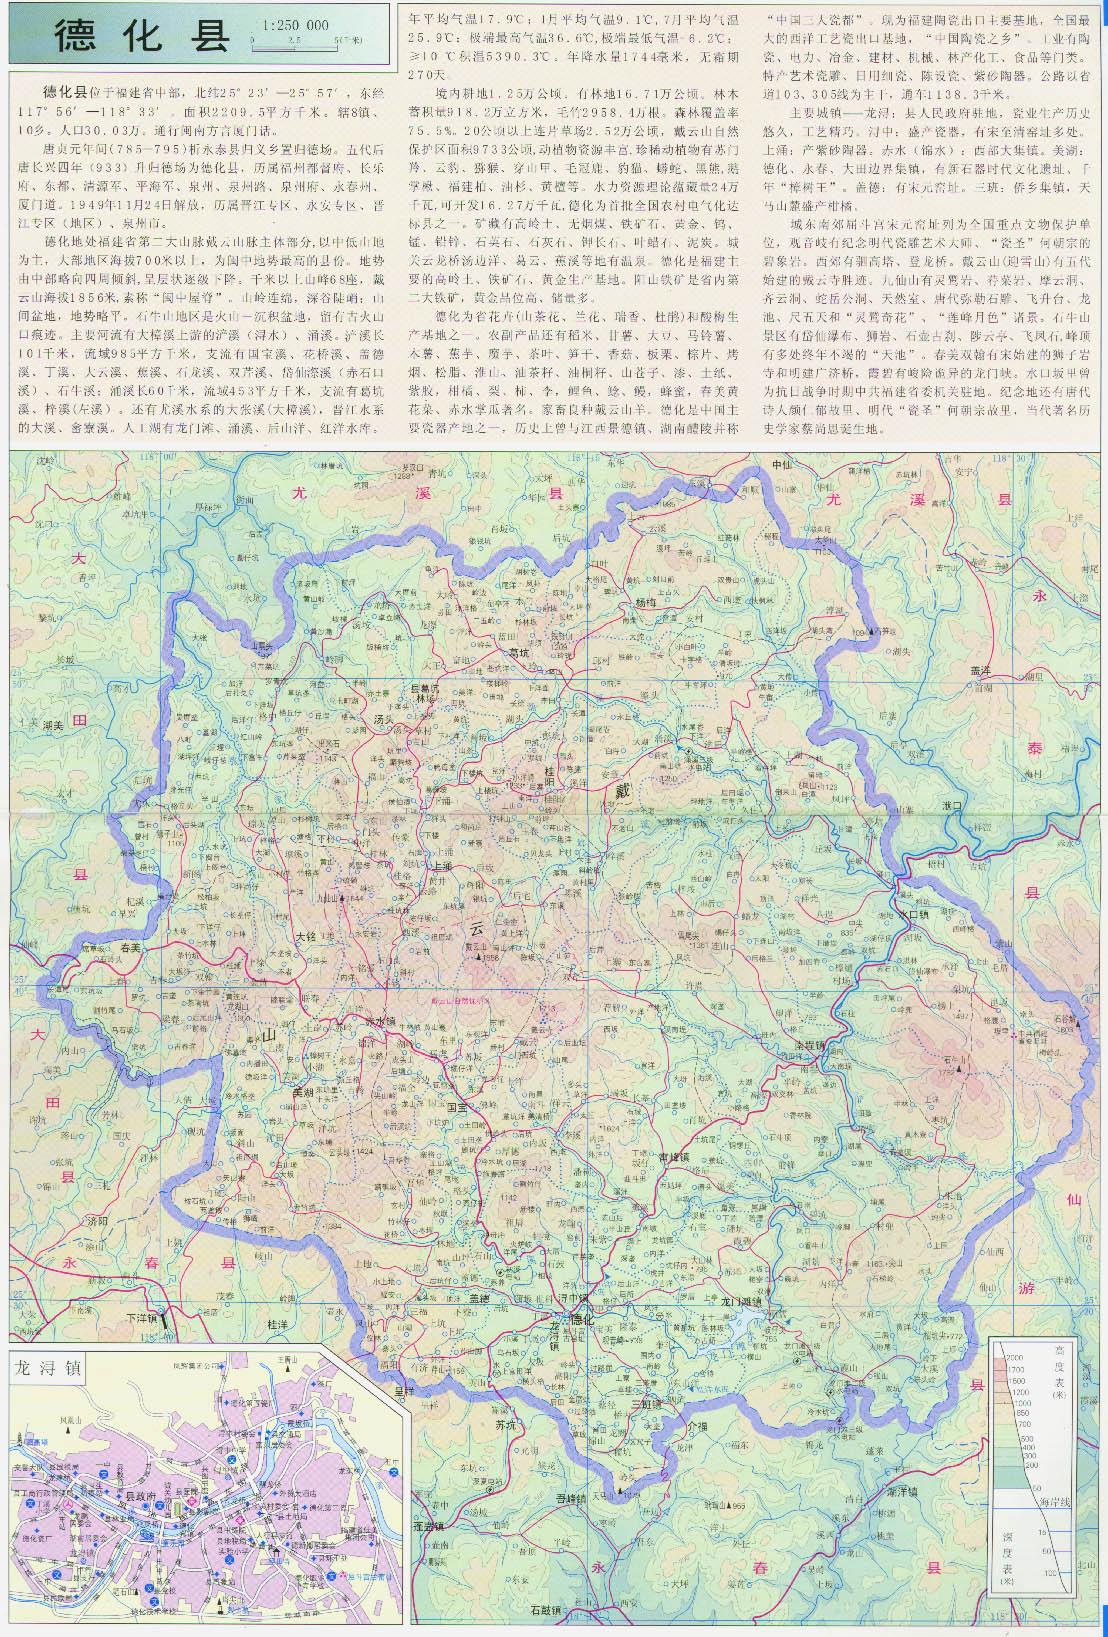 德化县地图_泉州市地图查询